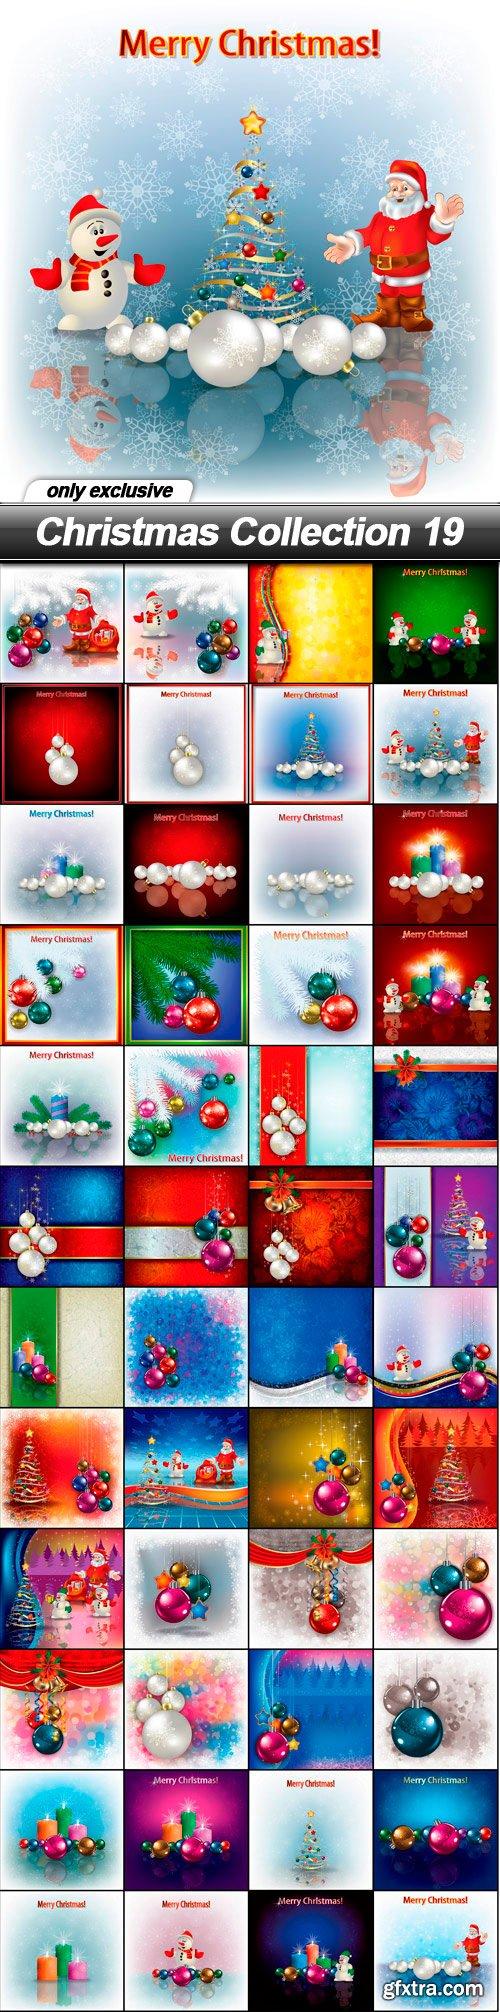 Christmas Collection 19 - 48 EPS